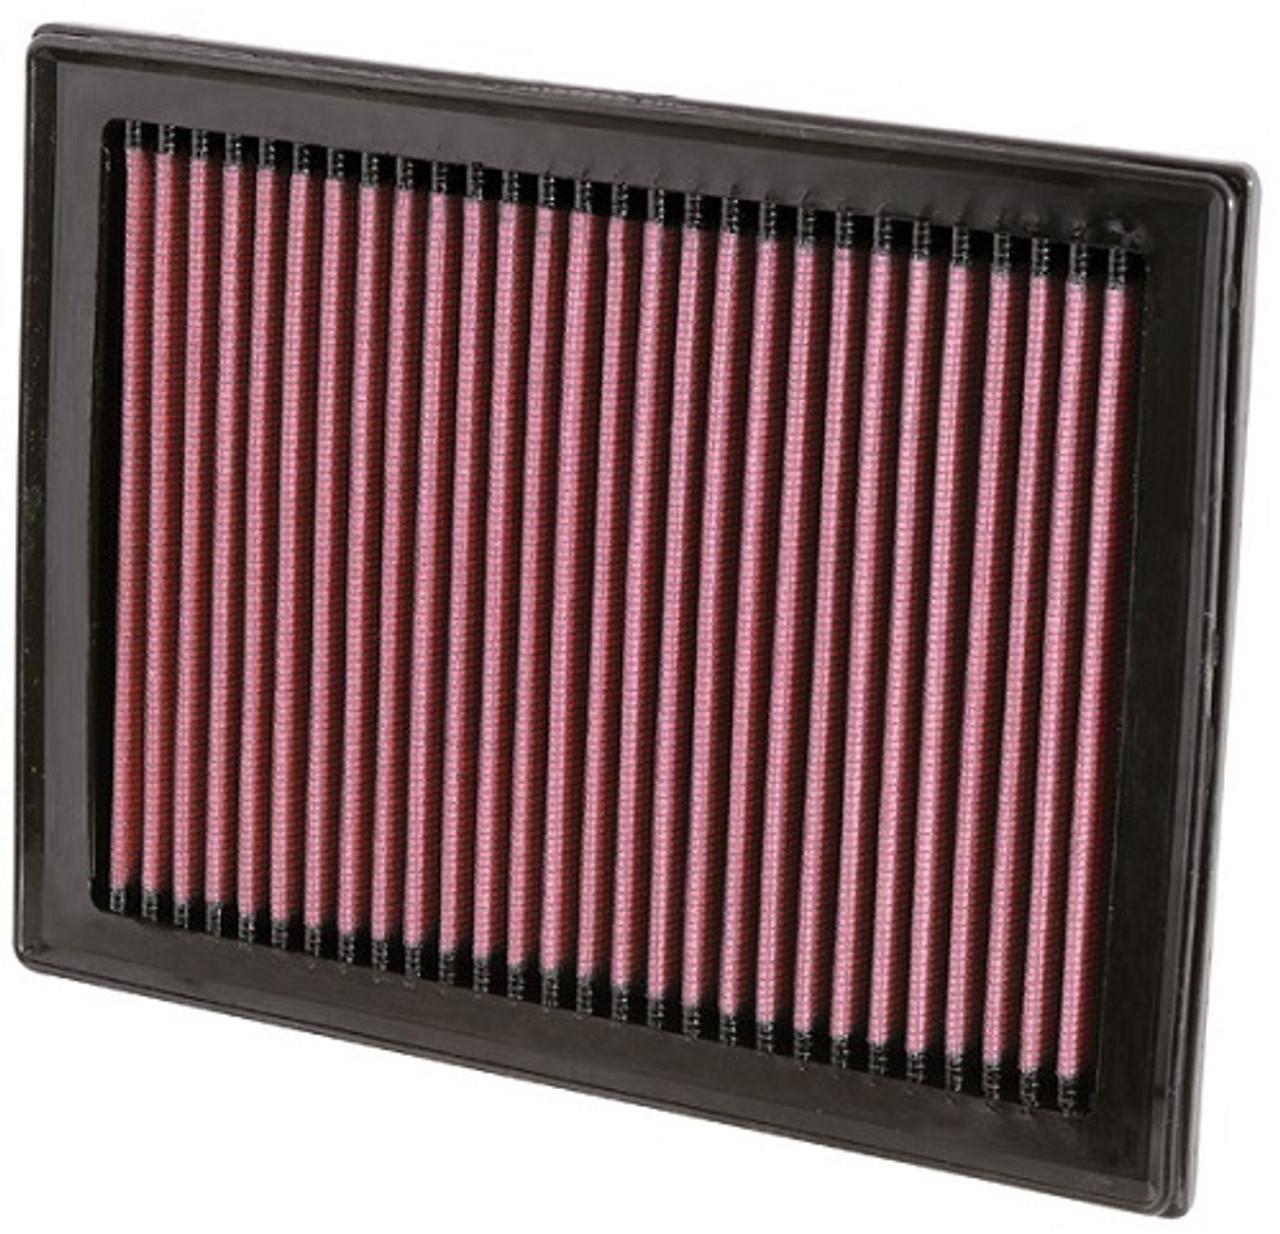 K/&N 33-2409 x 2 Drop In Air Intake Filters FX35 FX37 FX50 Q50 Q60 Q70 QX70 M56